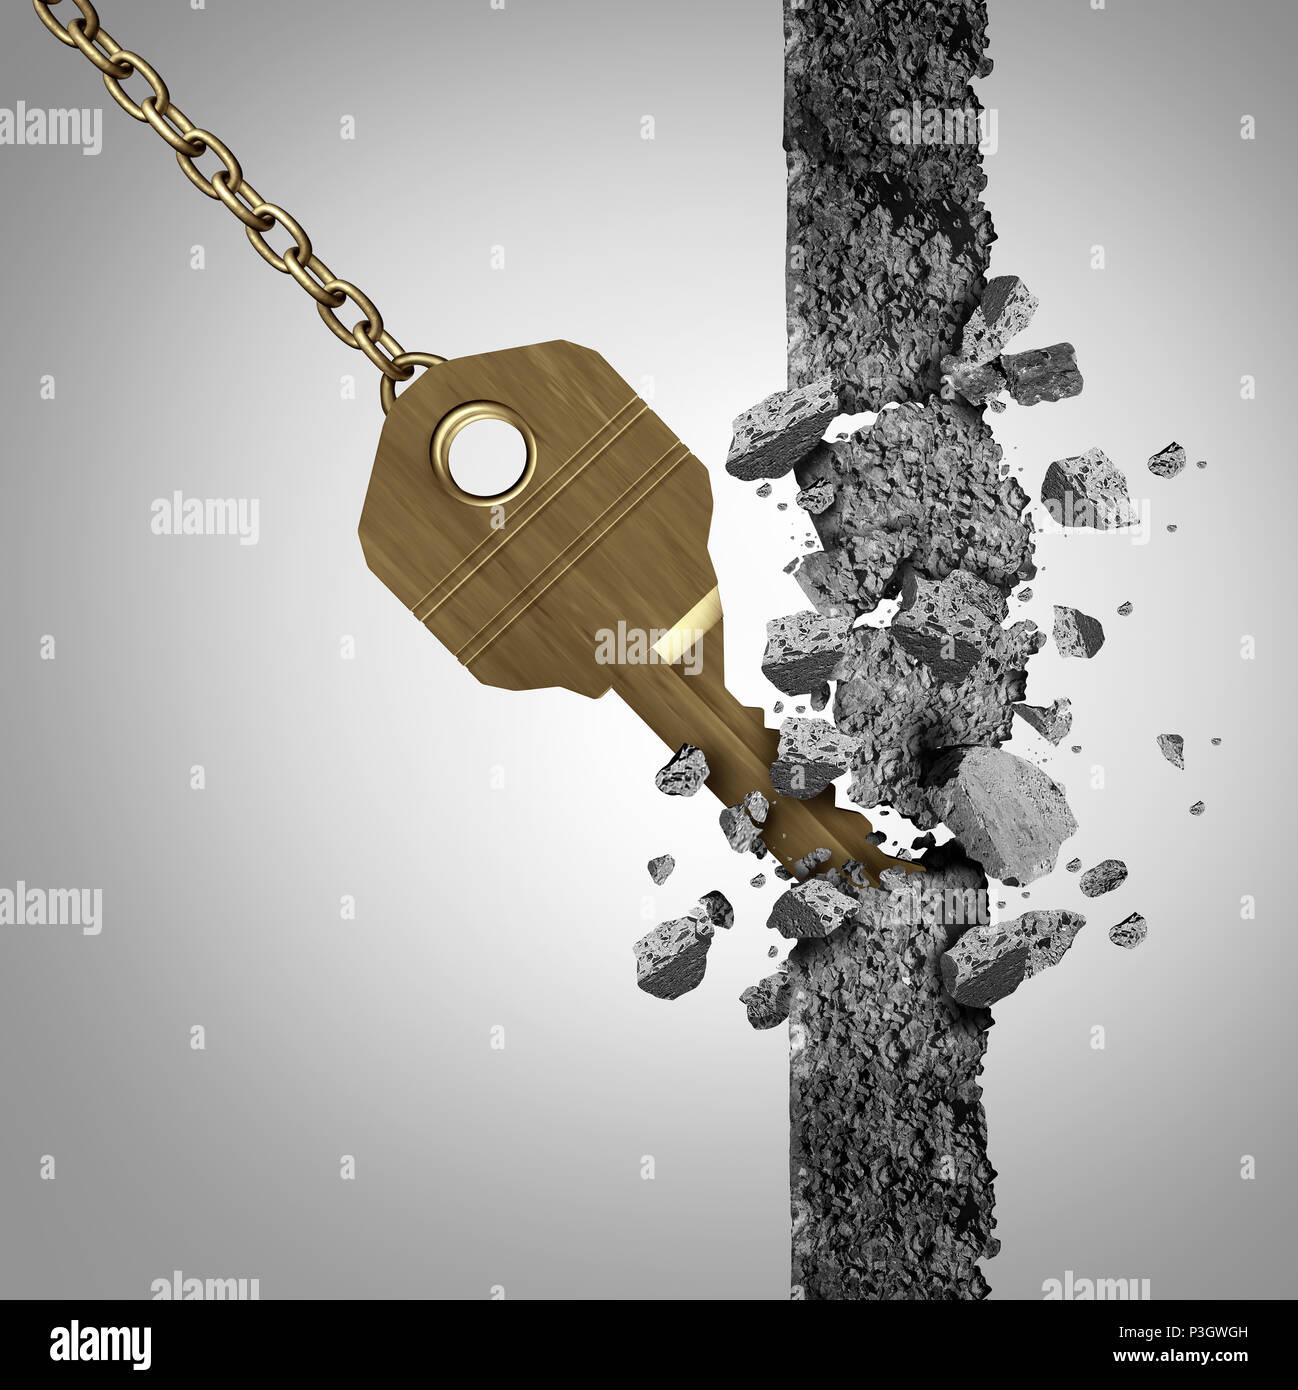 Individuazione della chiave business innovativo concetto di successo come un attrezzo di apertura con conseguente rottura di un ostacolo con 3D'illustrazione degli elementi. Immagini Stock